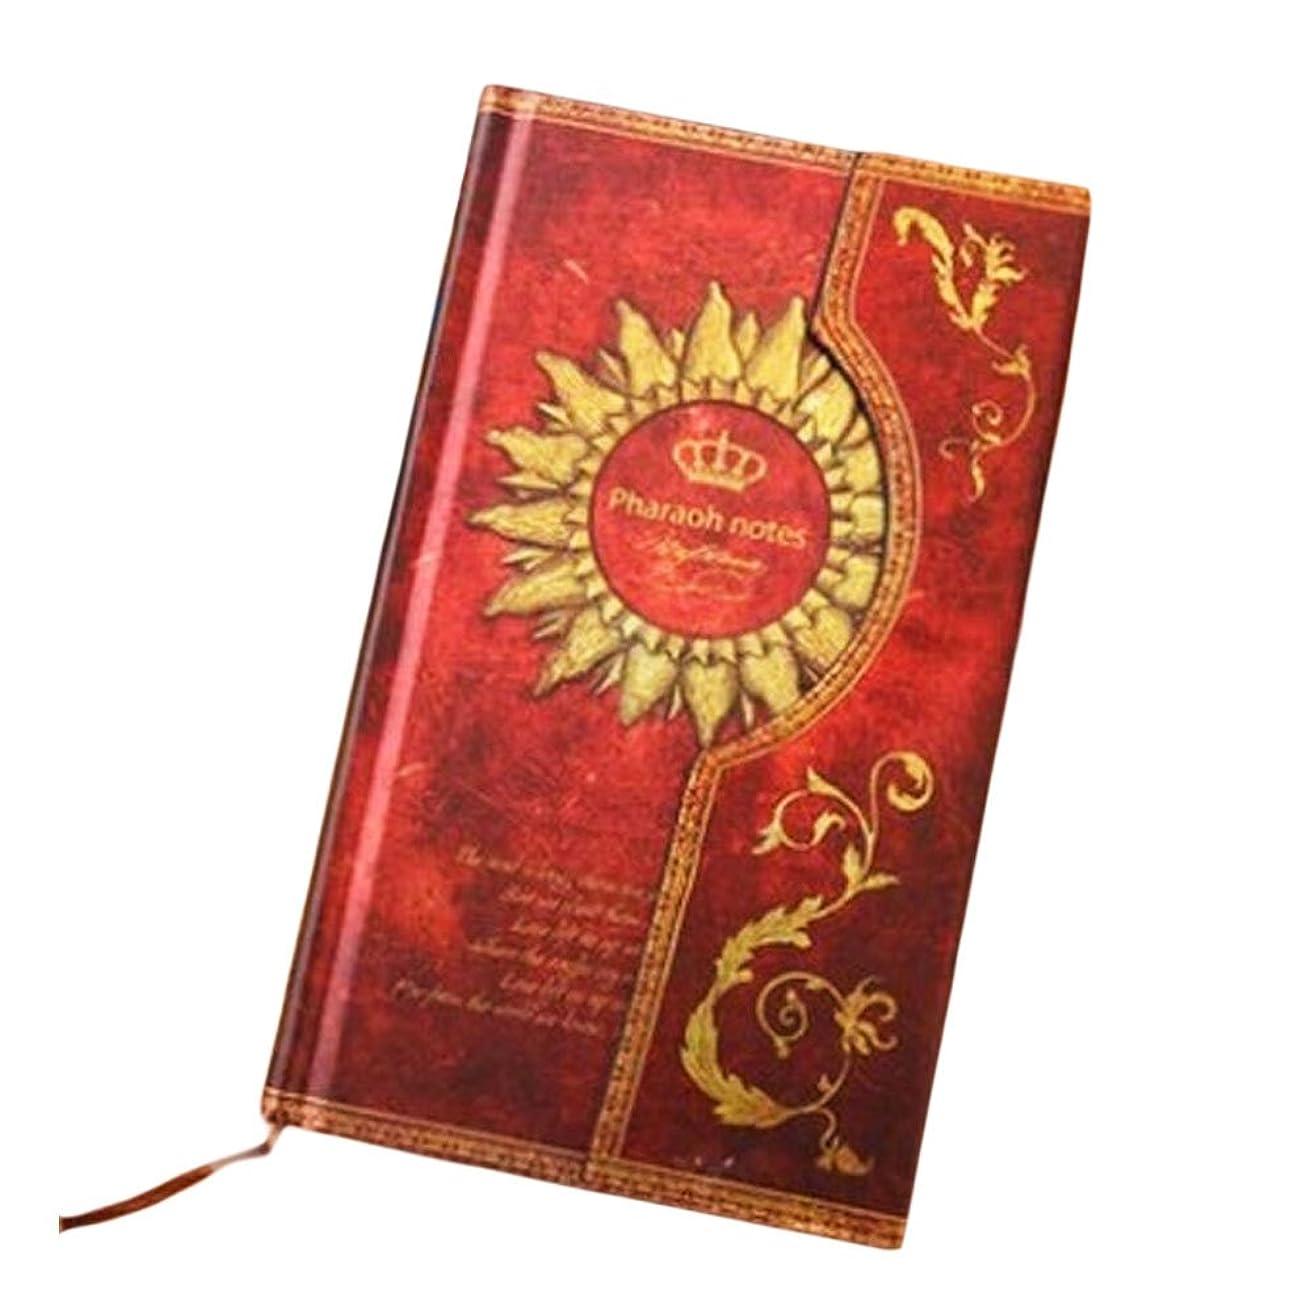 赤レトロノートブック旅行ジャーナルレビューメモノートノートブック日記